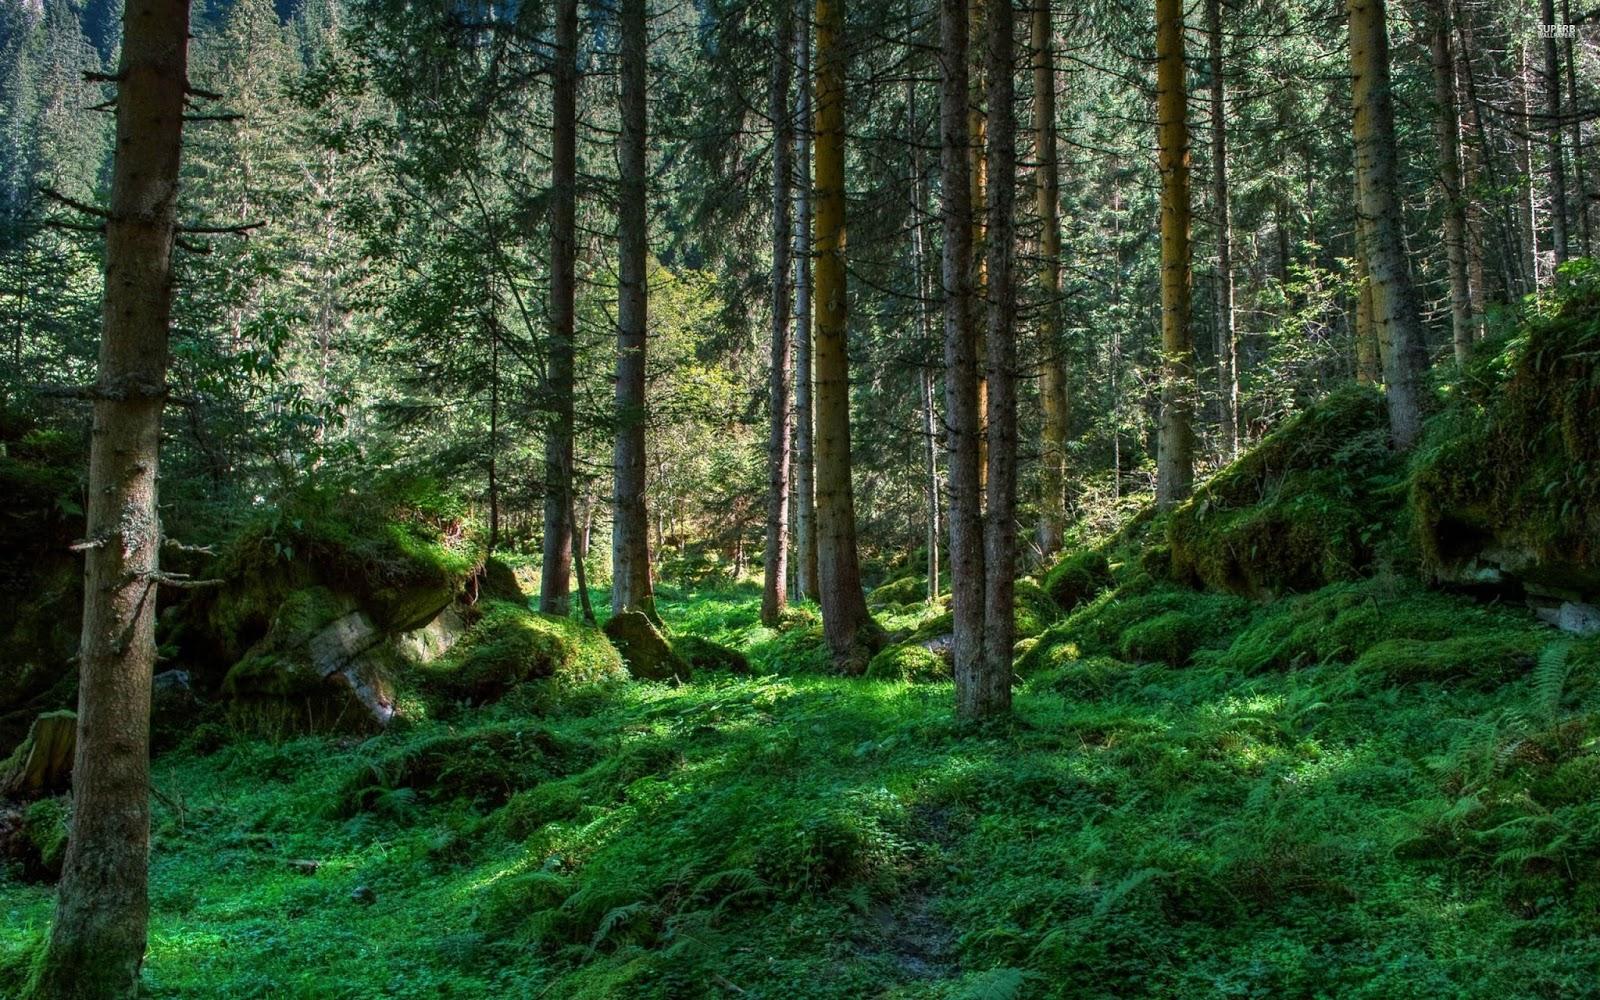 Patada De Caballo Fondos Animados: Patada De Caballo: Bosque. Forest